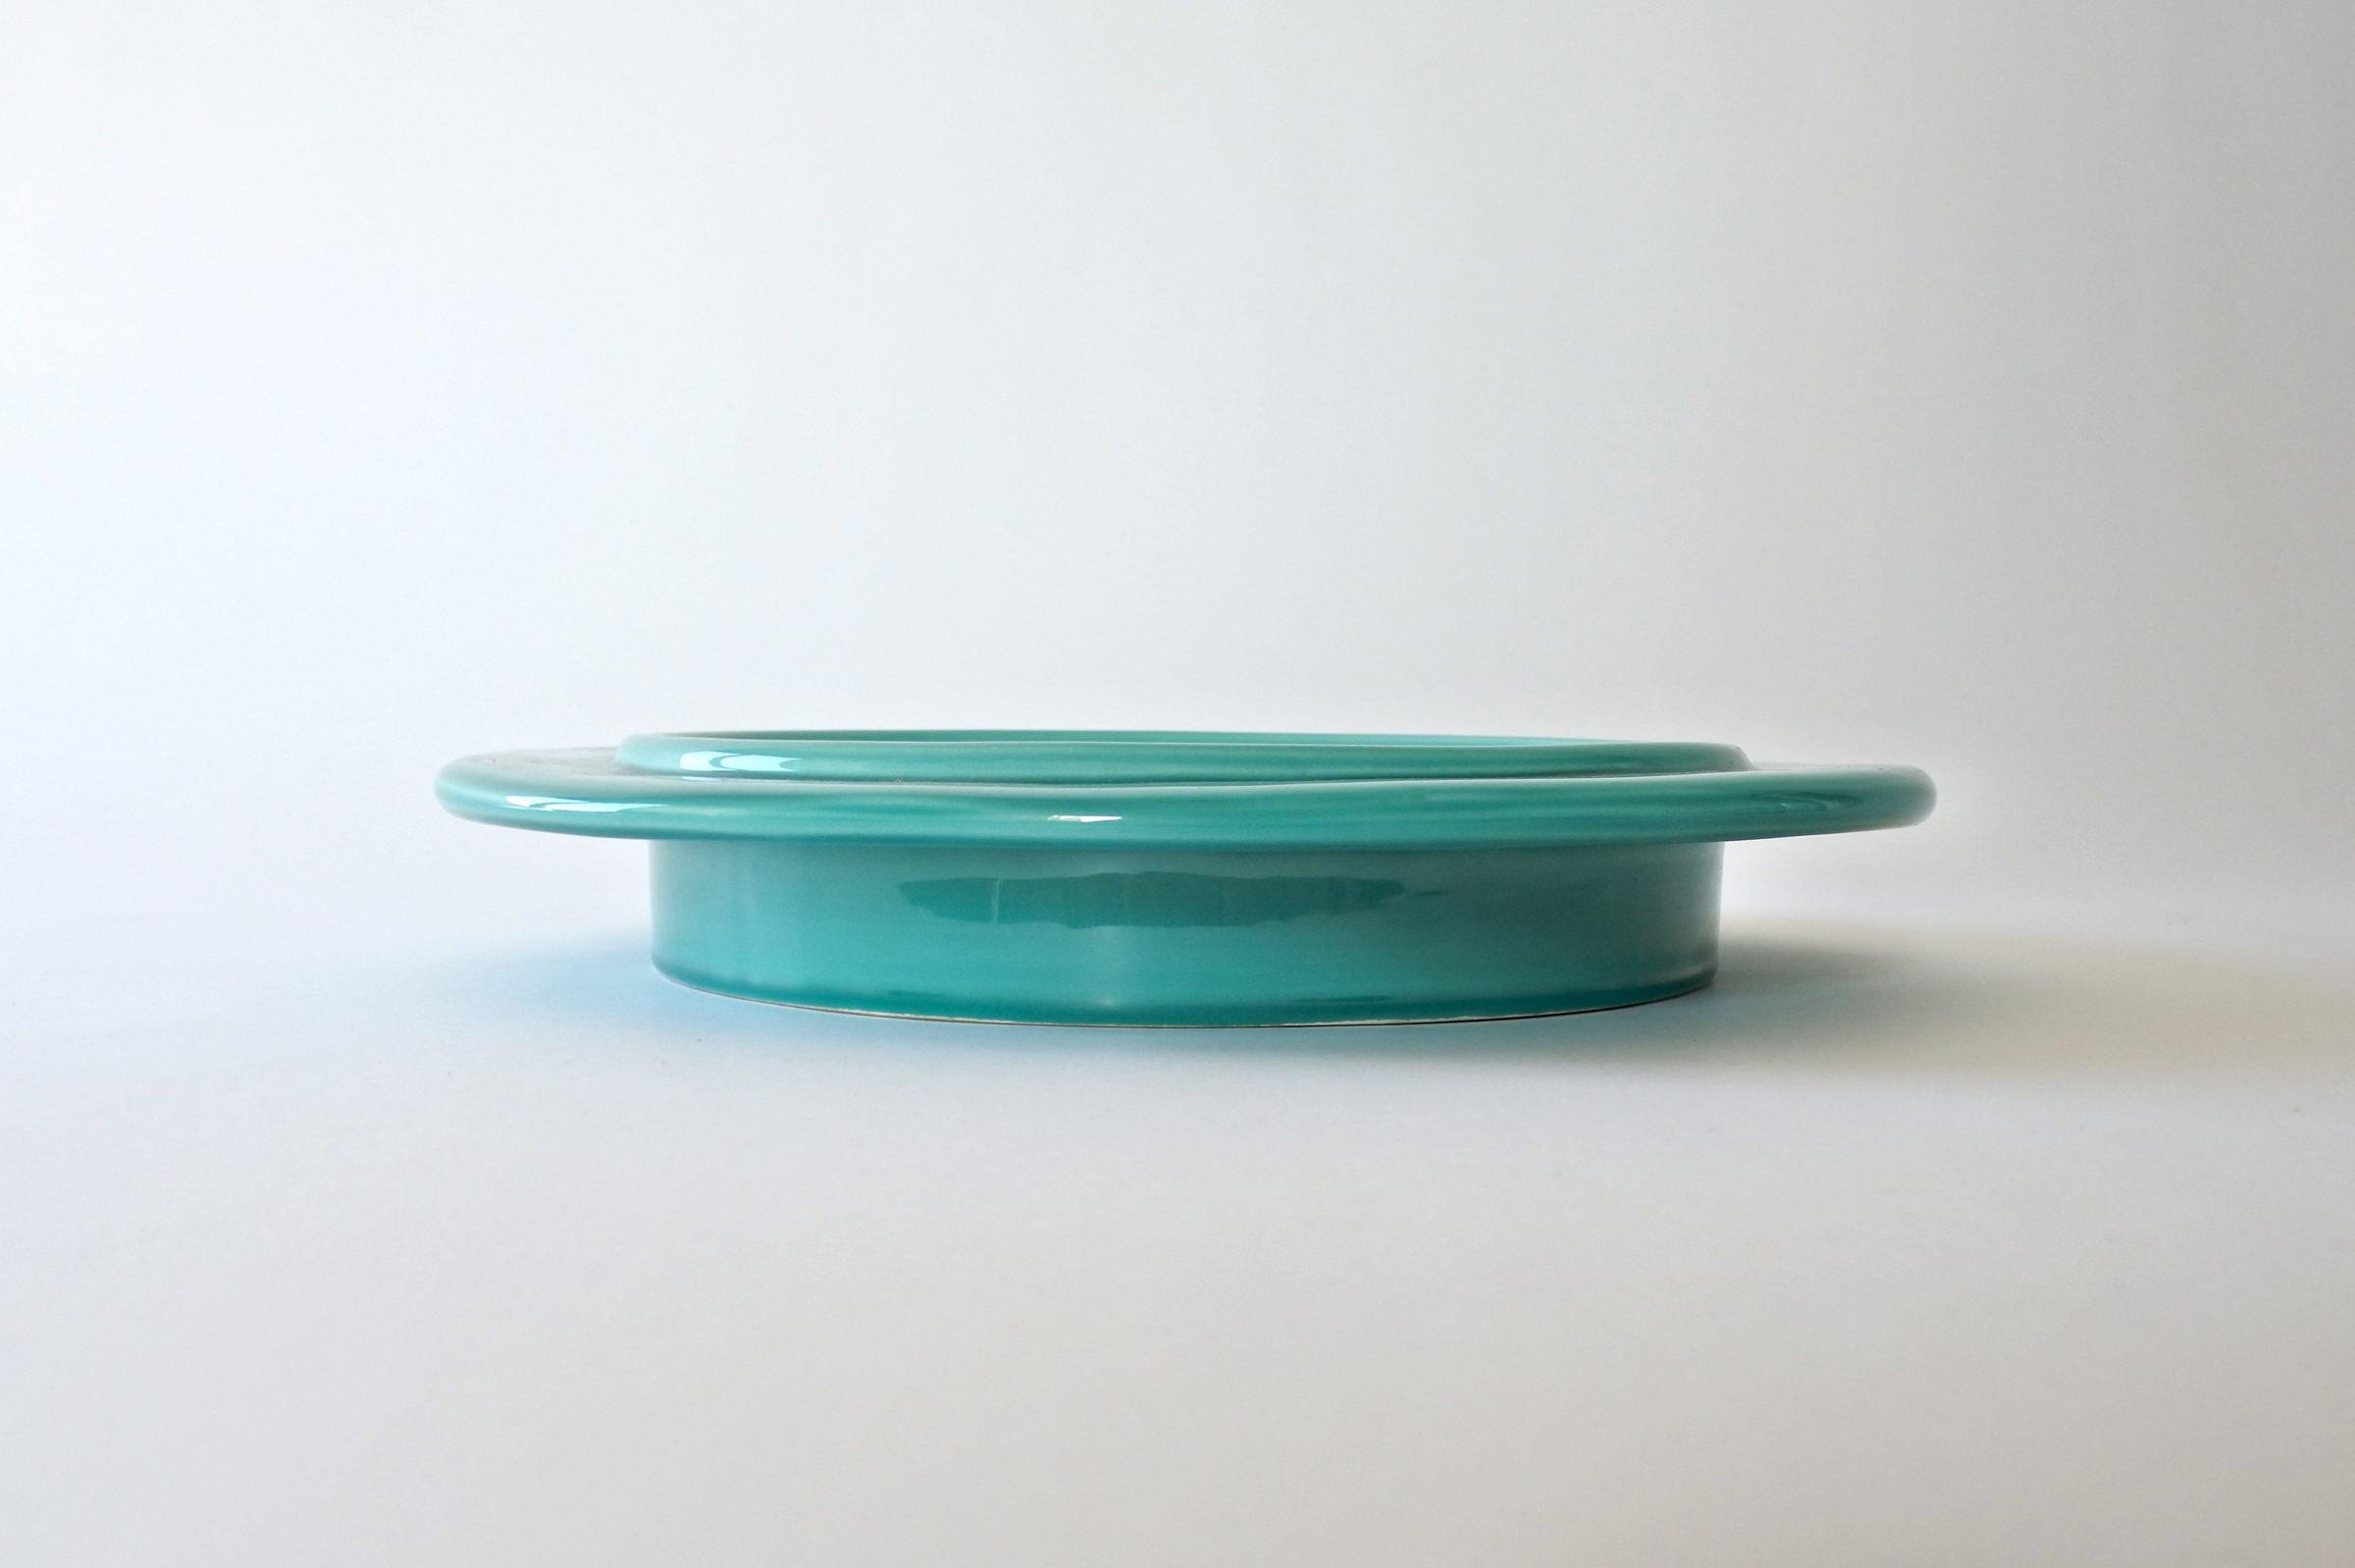 Centro tavola in ceramica - Ettore Sottsass per ceramiche Bitossi - 3